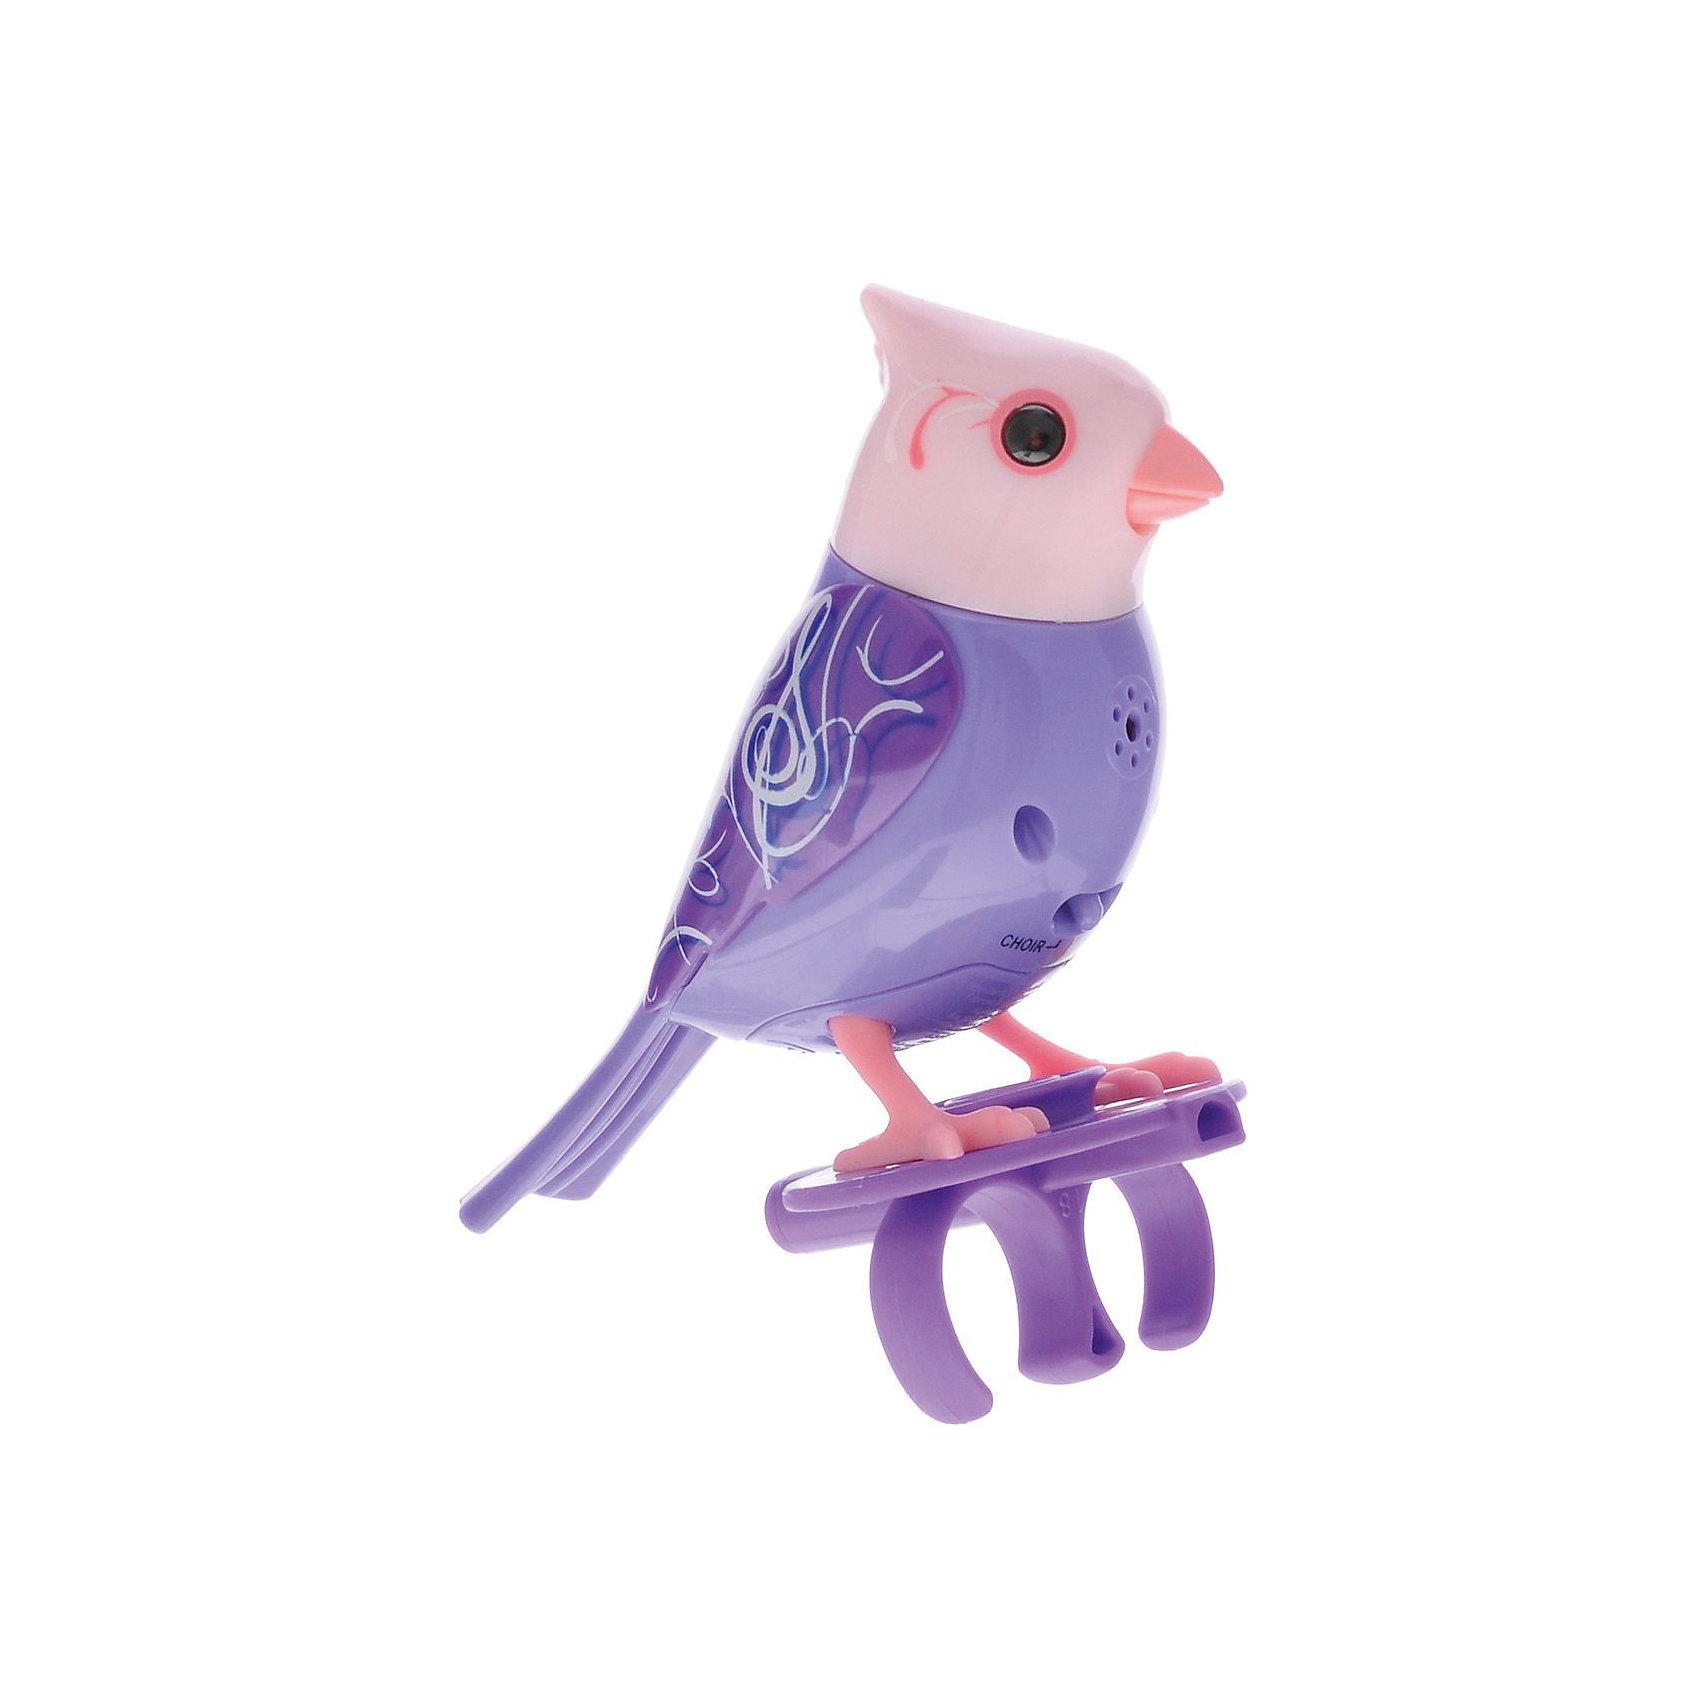 Поющая птичка с кольцом, сиреневая, DigiBirdsИнтерактивные животные<br>Поющая птичка с кольцом, сиреневая, DigiBirds, Silverlit (Сильверлит) ? музыкальная игрушка от мирового производителя детских товаров Silverlit (Сильверлит). Птичка оснащена световыми и звуковыми эффектами. Ее творческий репертуар состоит из 20 песенок, которые исполняются как в сольном виде, так и в хоровом. Птичка выполнена из высокопрочного пластика ярких расцветок. Активируется птичка тремя способами: на нее достаточно подуть или посвистеть в свисток, который идет в комплекте, или резко взмахнуть по воздуху, держа птичку в руке. <br>Поющая птичка с кольцом, сиреневая, DigiBirds, Silverlit (Сильверлит)  ? совершенно уникальная игрушка, которая не только развлекает вашего ребенка, но и занимается его музыкальным развитием. В первую очередь, она способствует формированию музыкального слуха и памяти. Простые действия: подуть в свисток, подуть на птичку ? простые, но очень эффективные упражнения, которые направлены на развитие речевого аппарата.<br>Поющая птичка с кольцом, сиреневая, DigiBirds, Silverlit (Сильверлит) ? это миниатюрный музыкальный центр для вашего ребенка.<br><br>Дополнительная информация:<br><br>- Вид игр: сюжетно-ролевые игры <br>- Предназначение: для дома<br>- Дополнительные функции: синхронизация со всеми персонажами DigiFriends<br>- Батарейки: 3 шт. LR44<br>- Материал: высококачественный пластик<br>- Размер (ДхШхВ): 6,4*15,2*10,2 см<br>- Вес: 91 г<br>- Комплектация: птичка, свисток-кольцо, инструкция, батарейки<br>- Особенности ухода: протирать влажной губкой<br><br>ВНИМАНИЕ! Данный артикул имеется в наличии в разных цветовых исполнениях (сиреневый, синий, красный, розовый). К сожалению, заранее выбрать определенный цвет невозможно. <br><br>Подробнее:<br><br>• Для детей в возрасте: от 3 лет и до 7 лет <br>• Страна производитель: Китай<br>• Торговый бренд: Silverlit<br><br>Поющую птичку с кольцом, сиреневую, DigiBirds, Silverlit (Сильверлит) можно купить в нашем интернет-магази